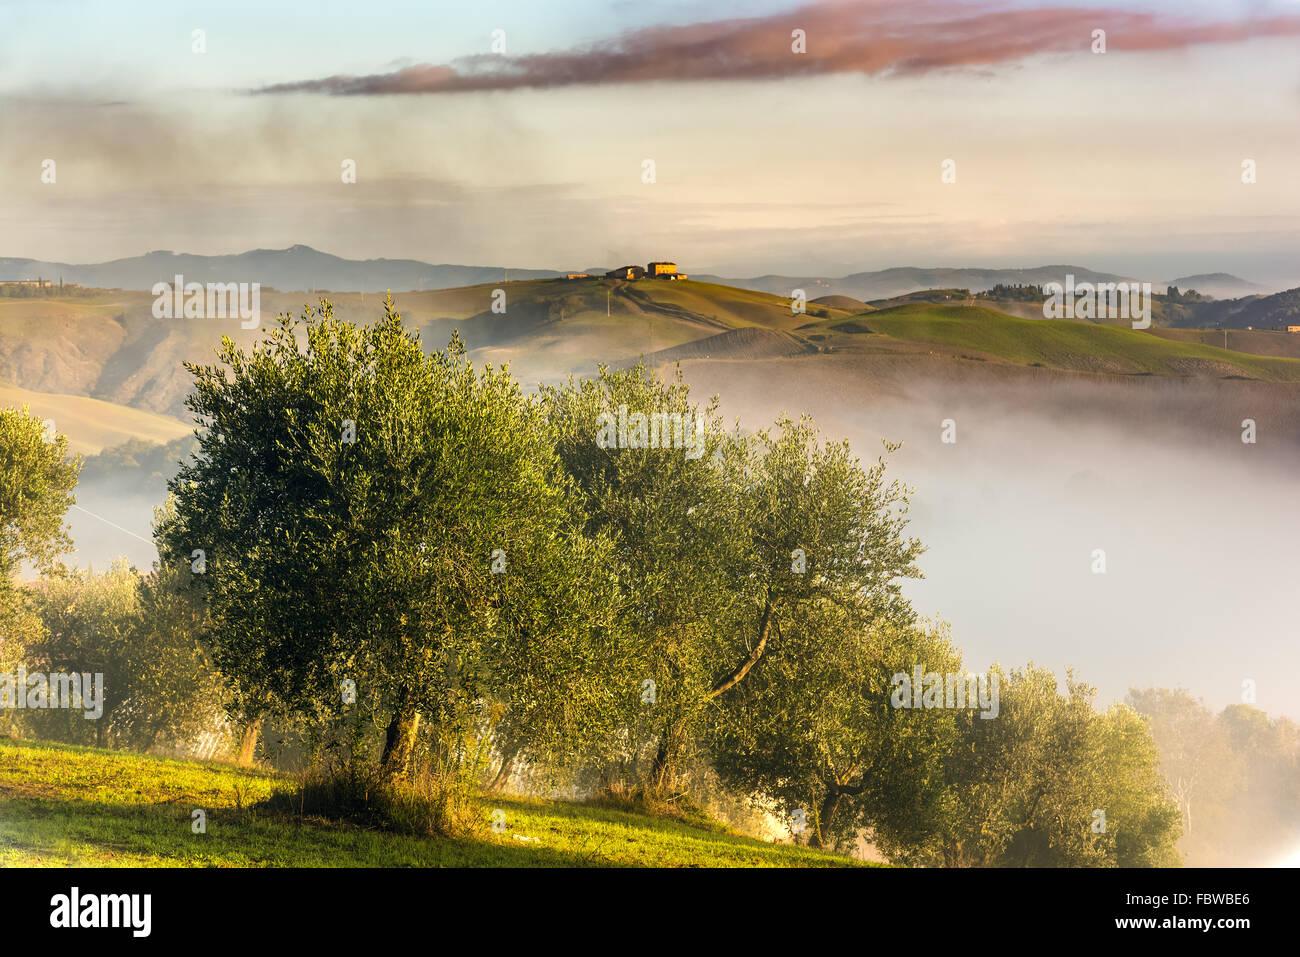 Oliviers dans les collines de Toscane. Près de Asciano, Crete Senesi zone, Italie Photo Stock